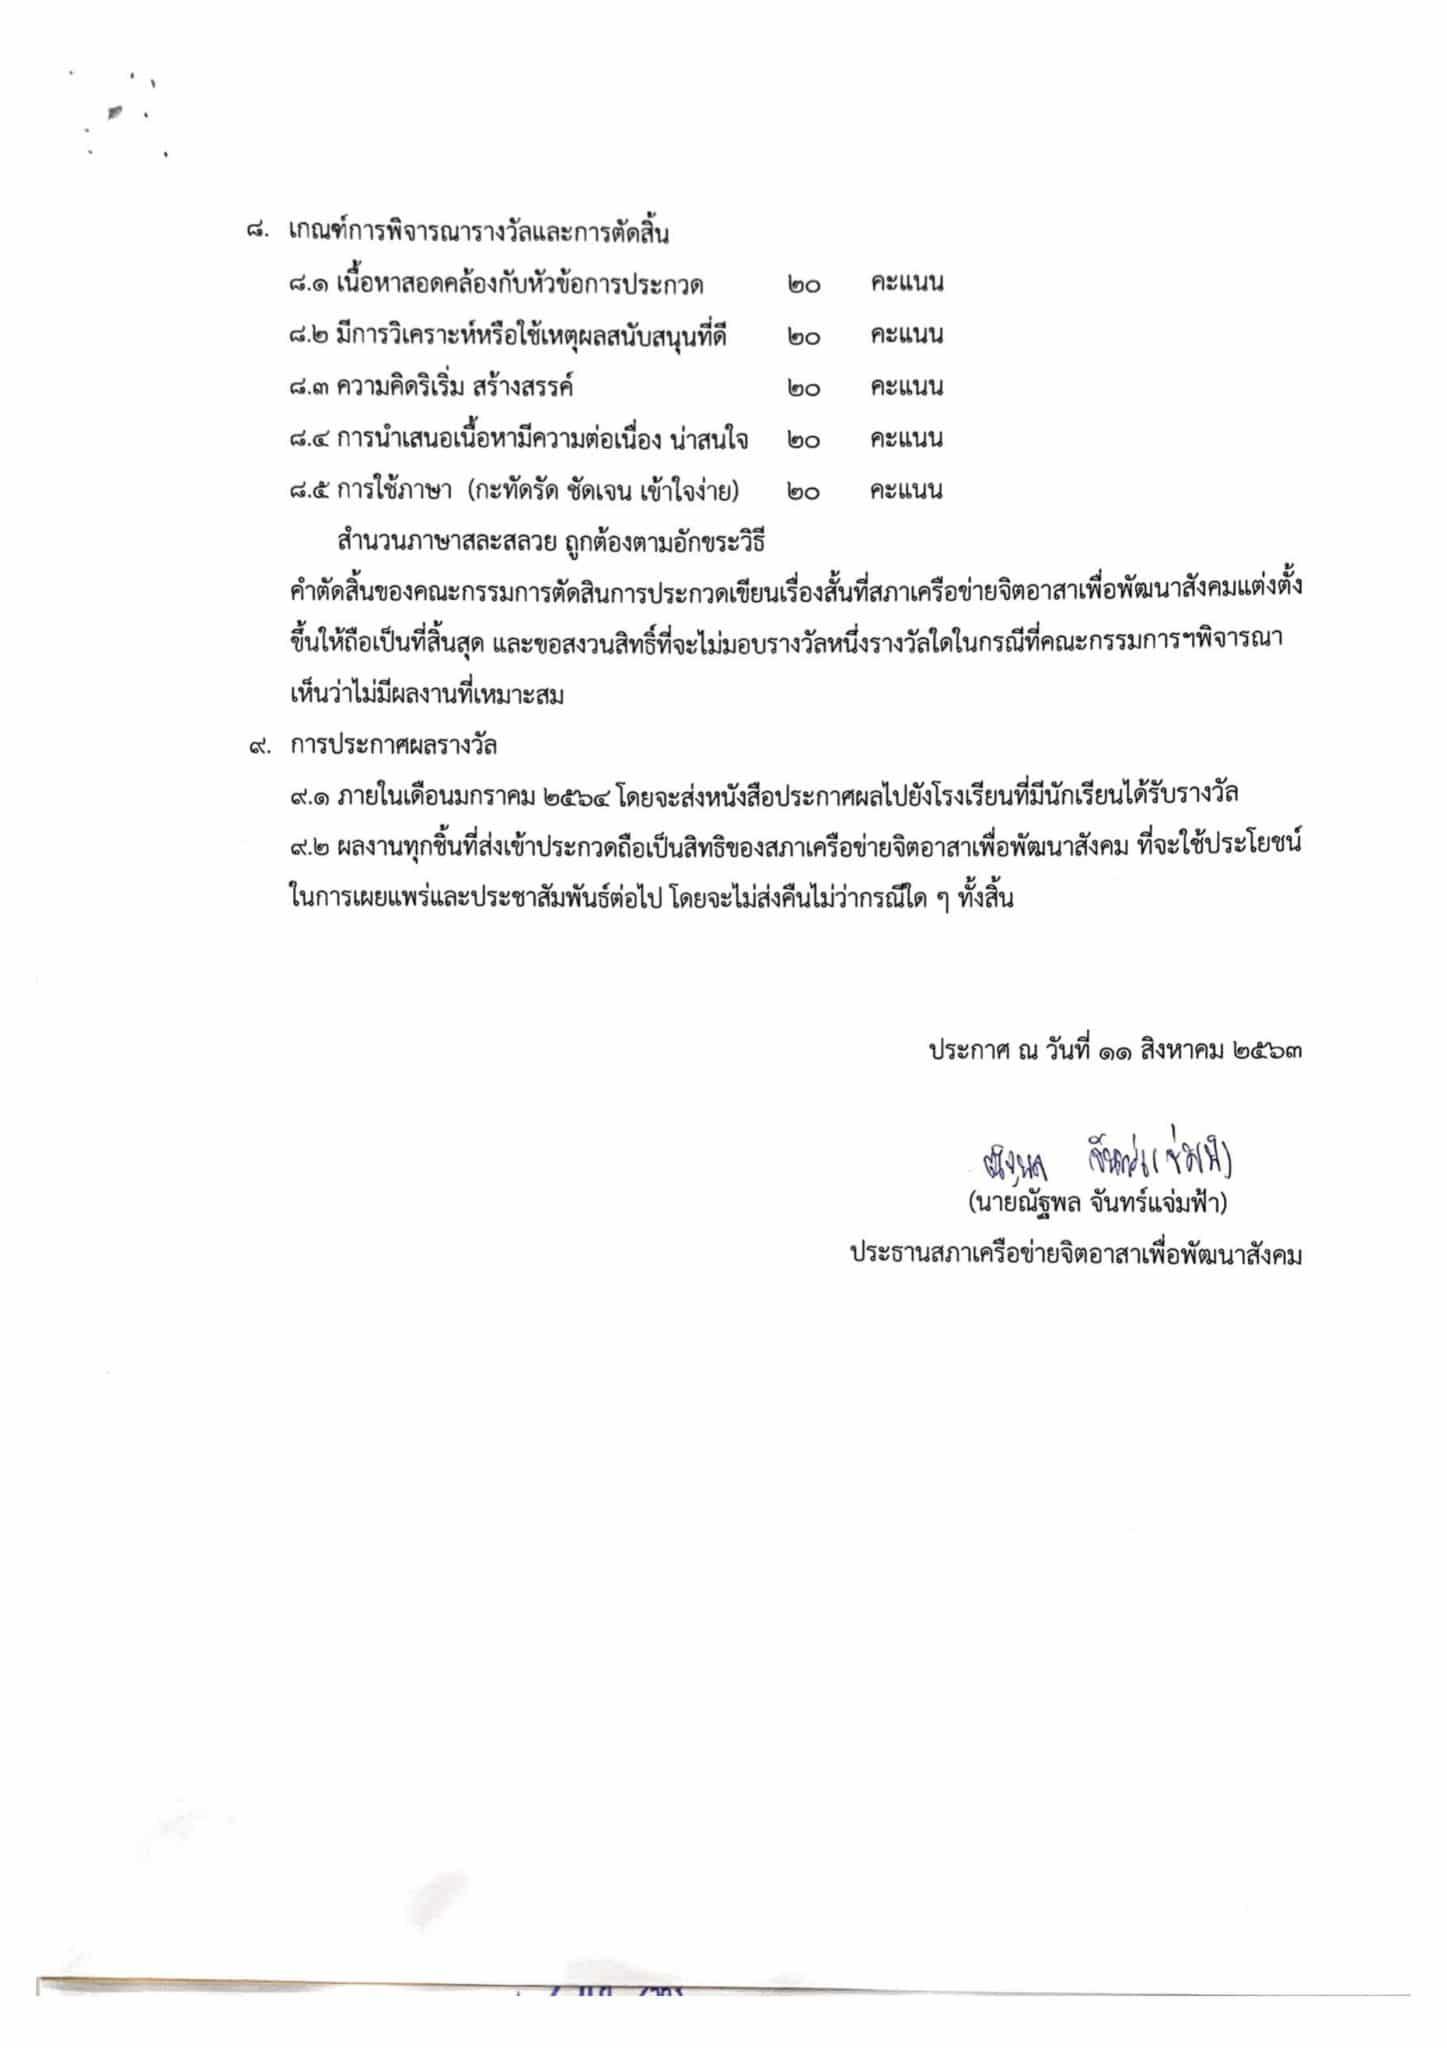 """การประกวดเขียนเรื่องสั้น หัวข้อ """"จิตอาสาเรื่องง่ายๆ ในชีวิตประจำวัน"""" ส่งผลงานได้ตั้งแต่บัดนี้จนถึงวันที่  31 ธันวาคม 2563"""